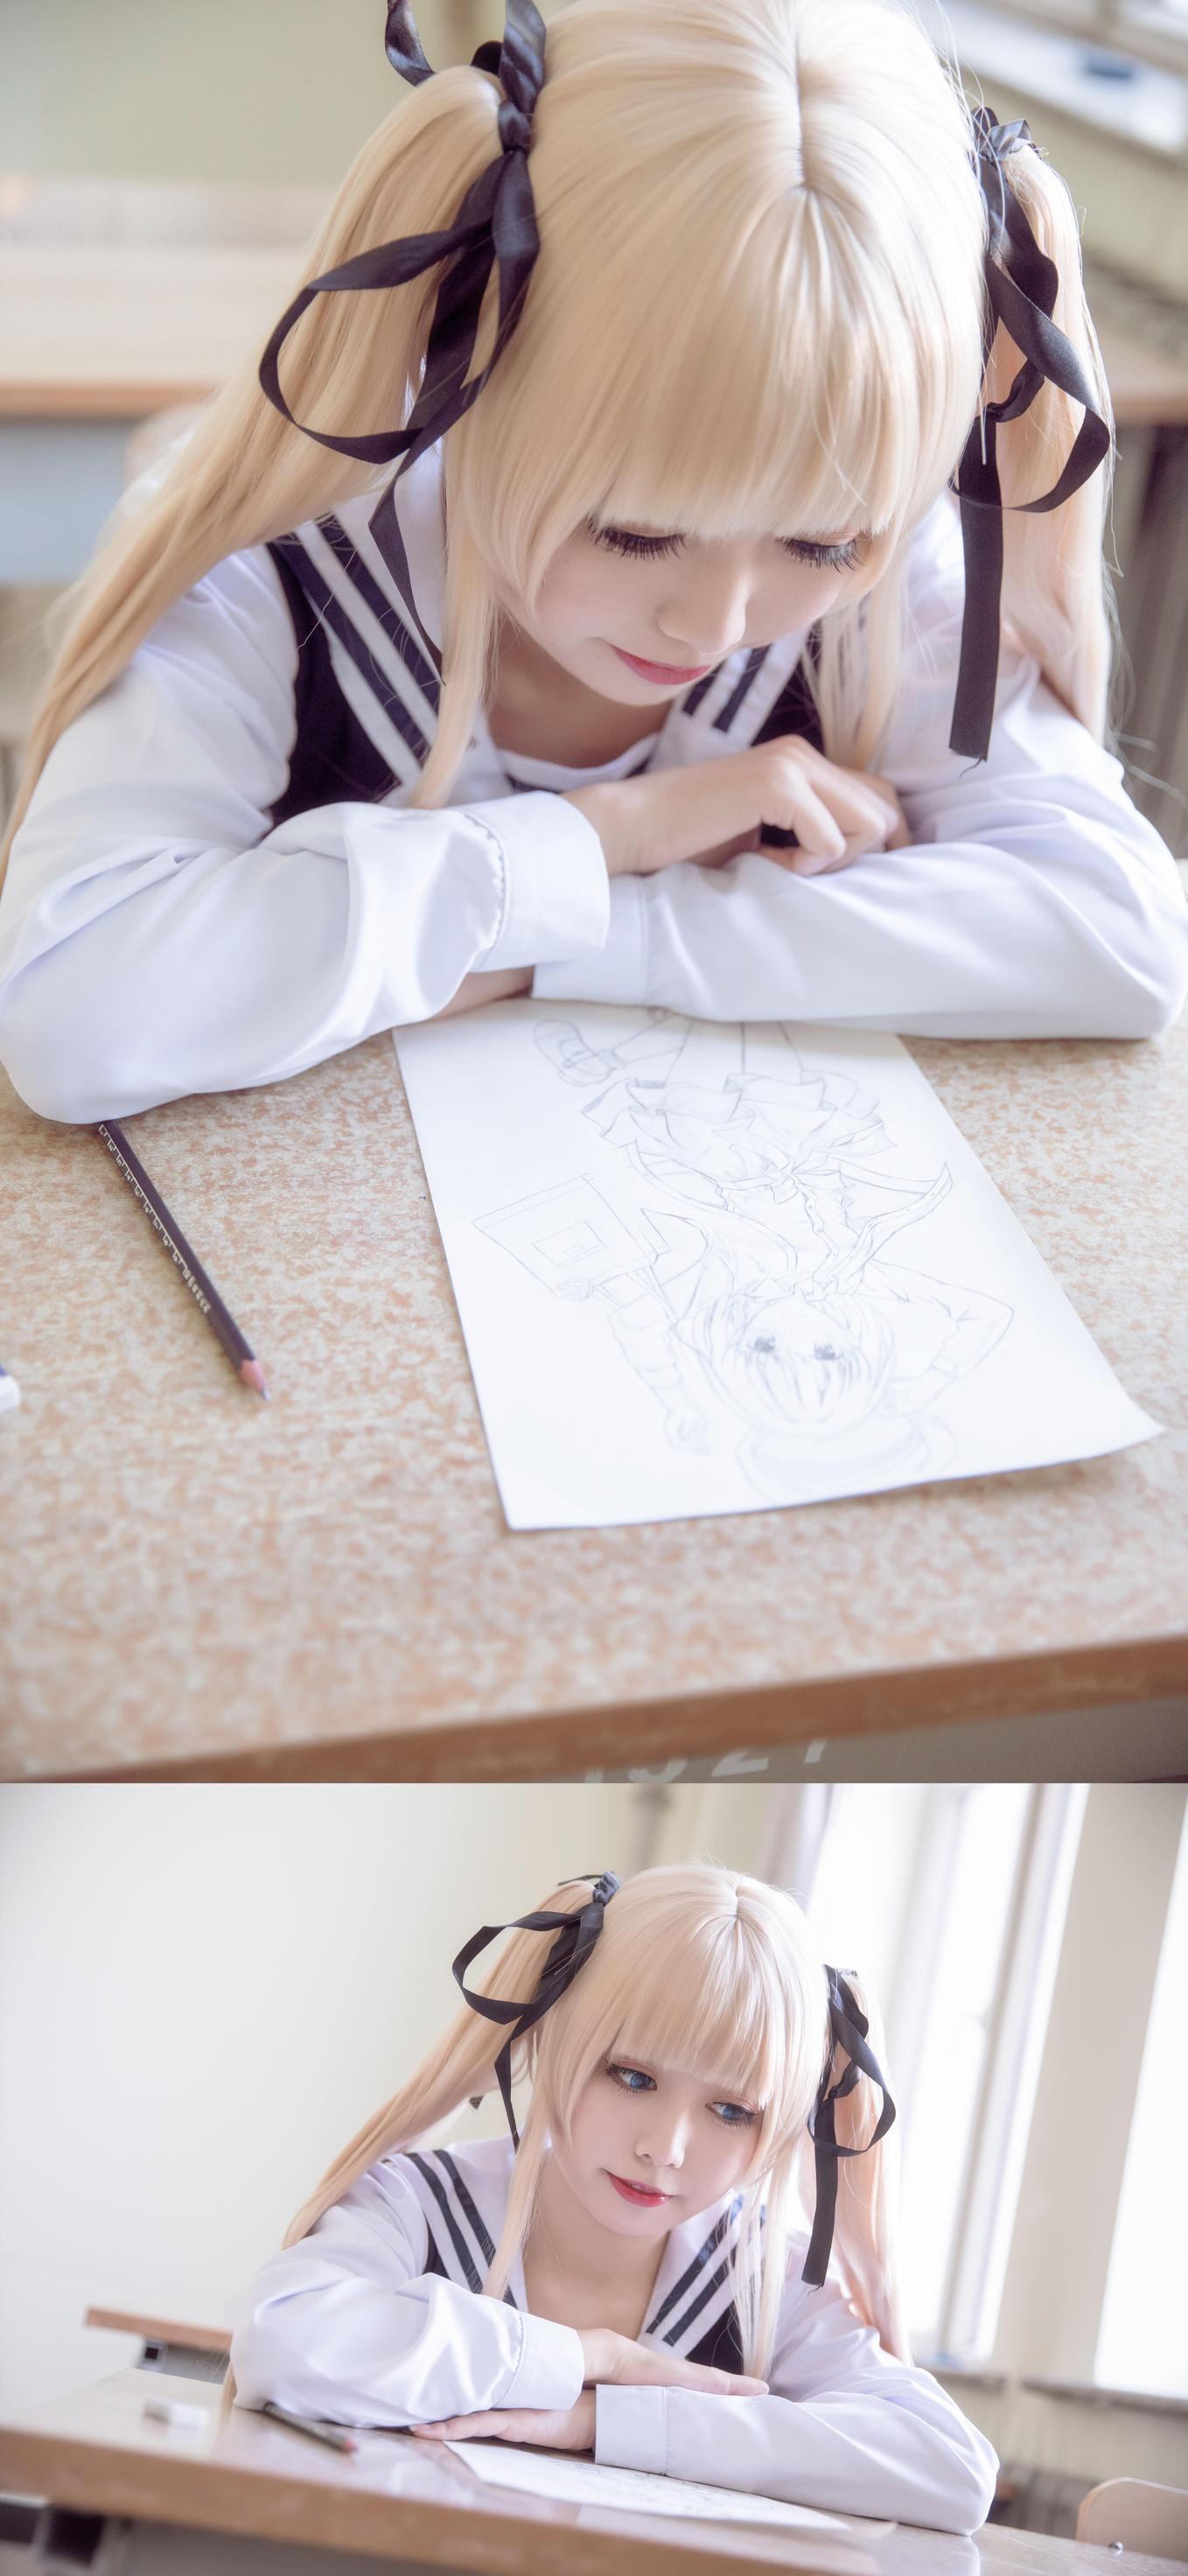 《路人女主的养成方法》霞之丘诗羽cosplay【CN:Azuk1】-第5张